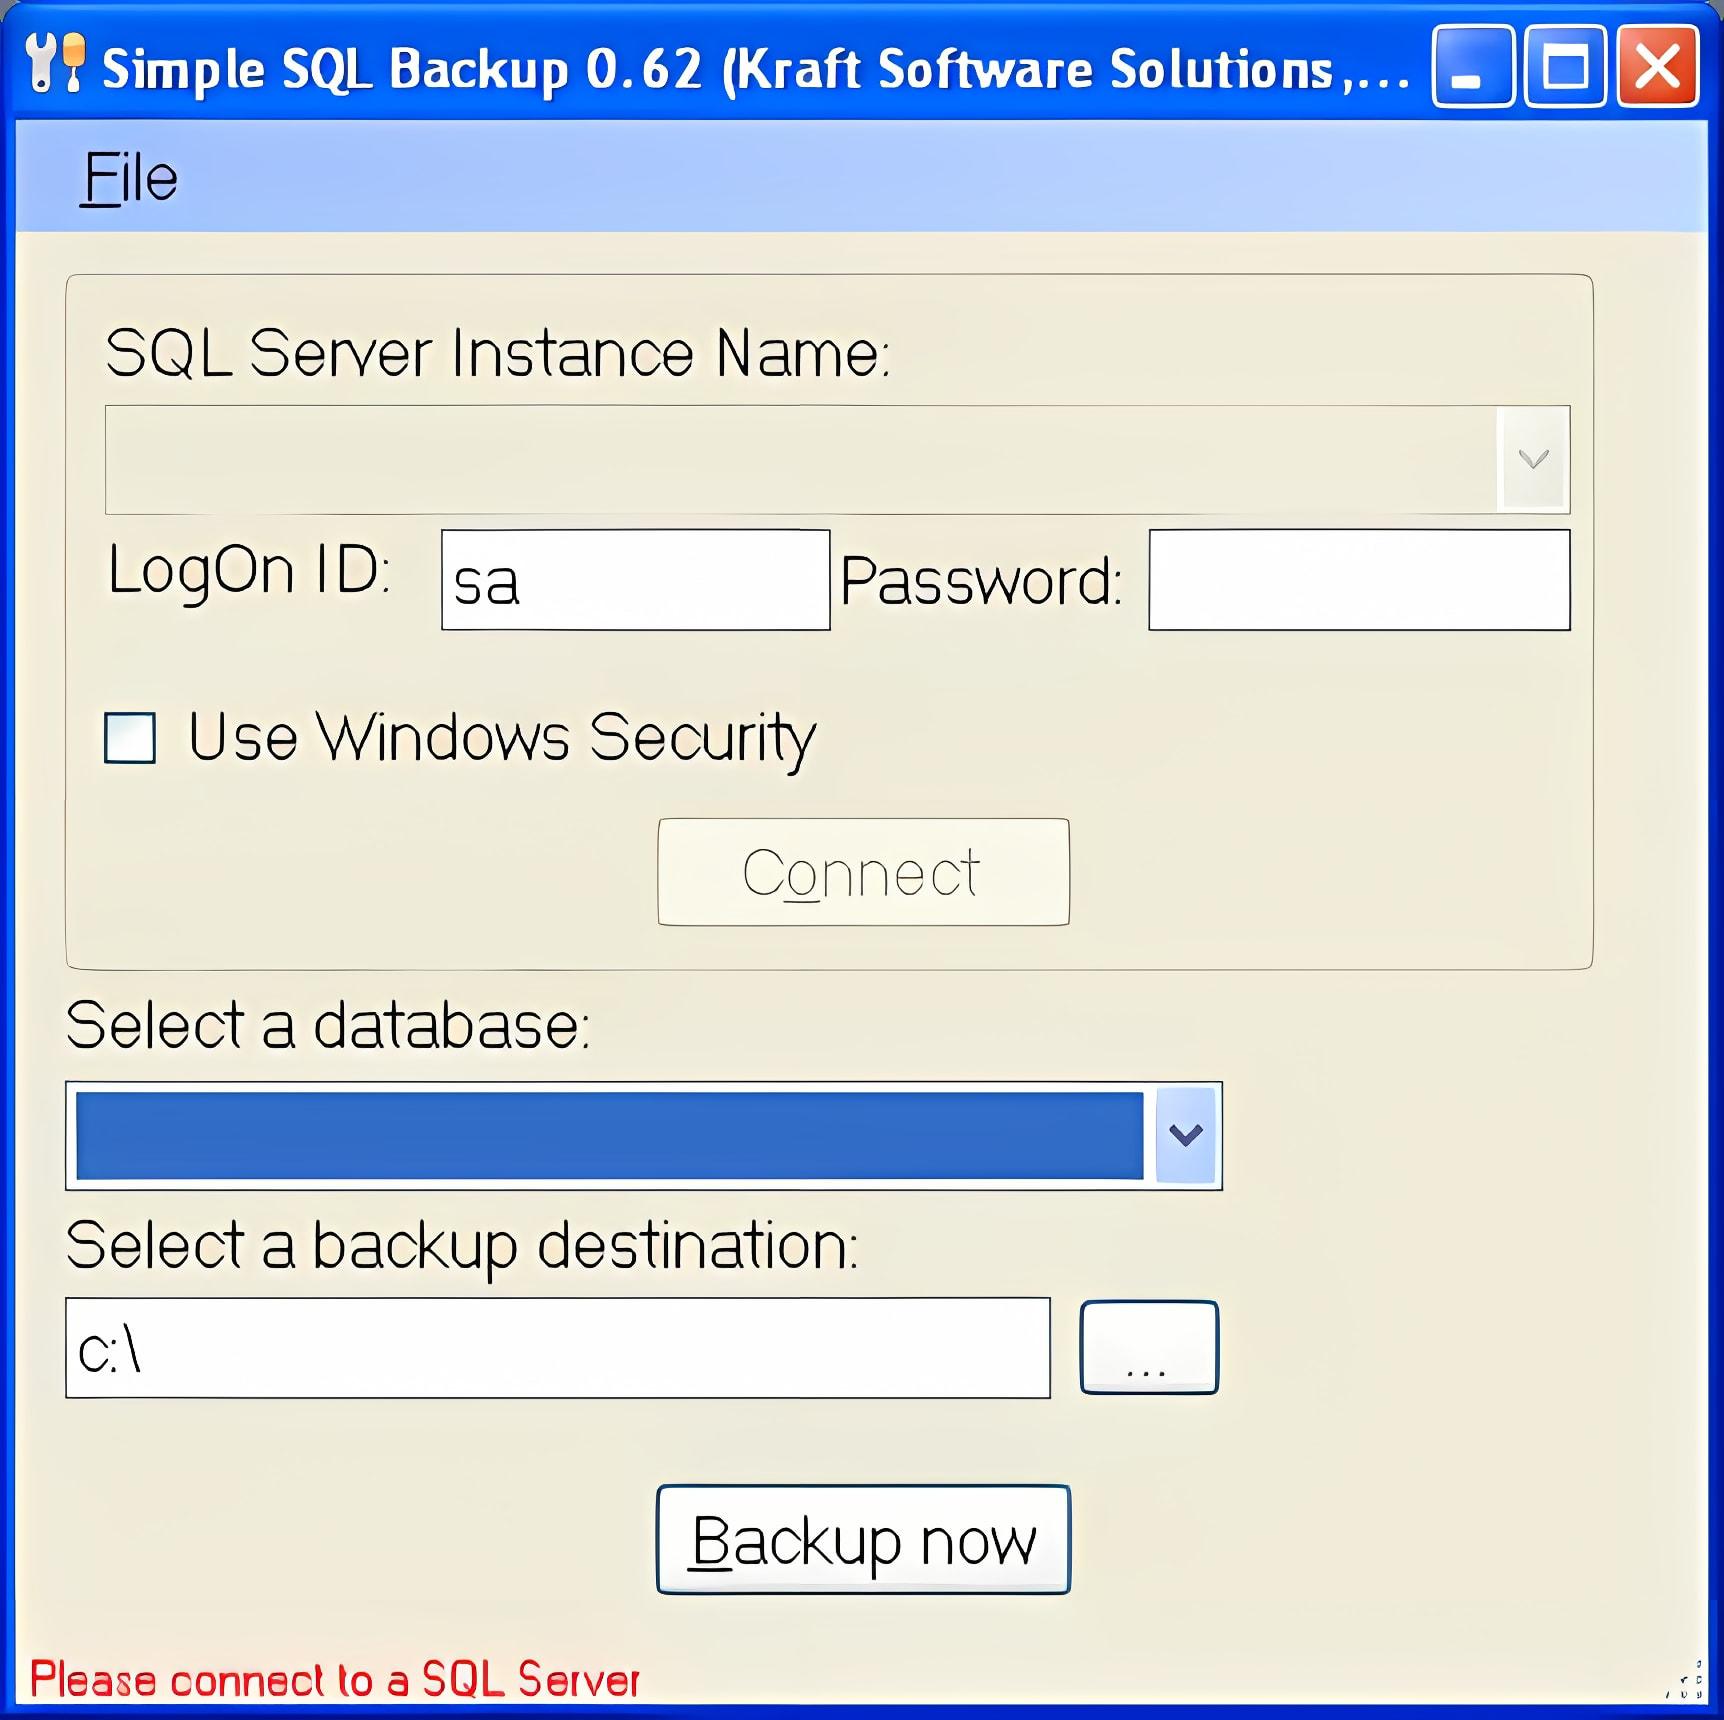 Simple SQL Backup